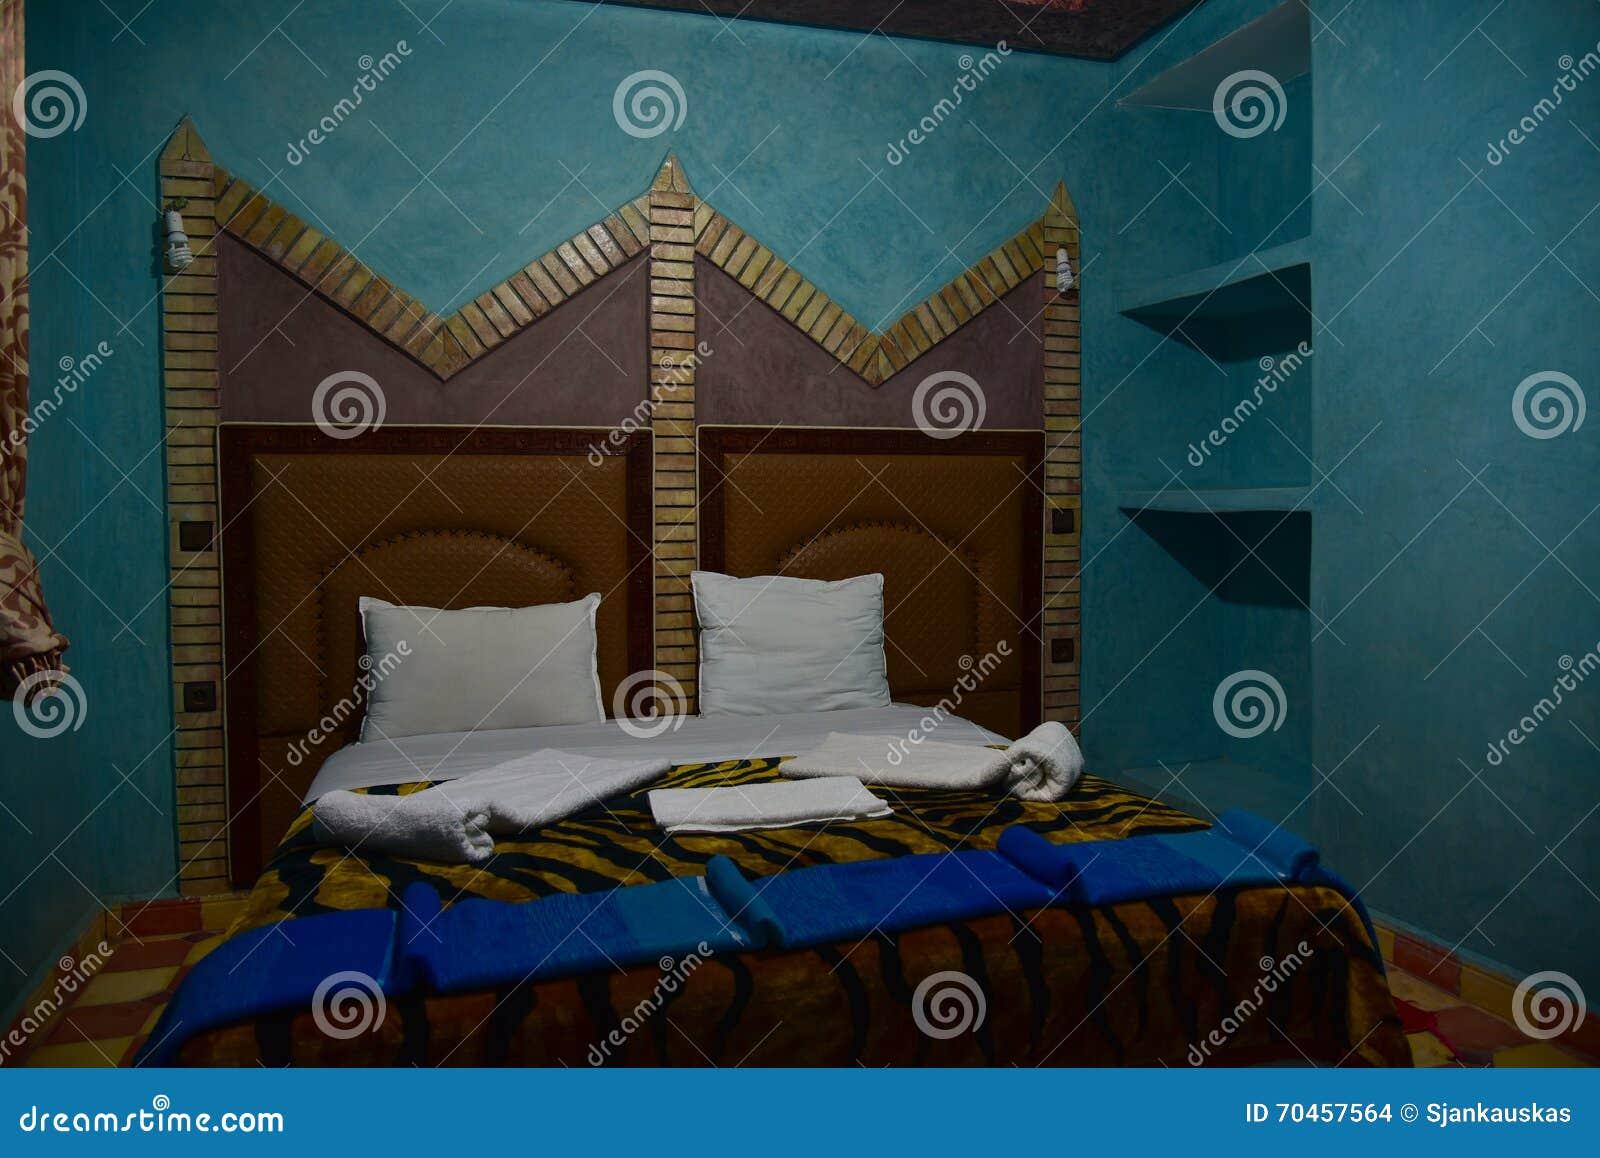 Camere Da Letto Marocco : Interno marocchino della camera da letto fotografia stock